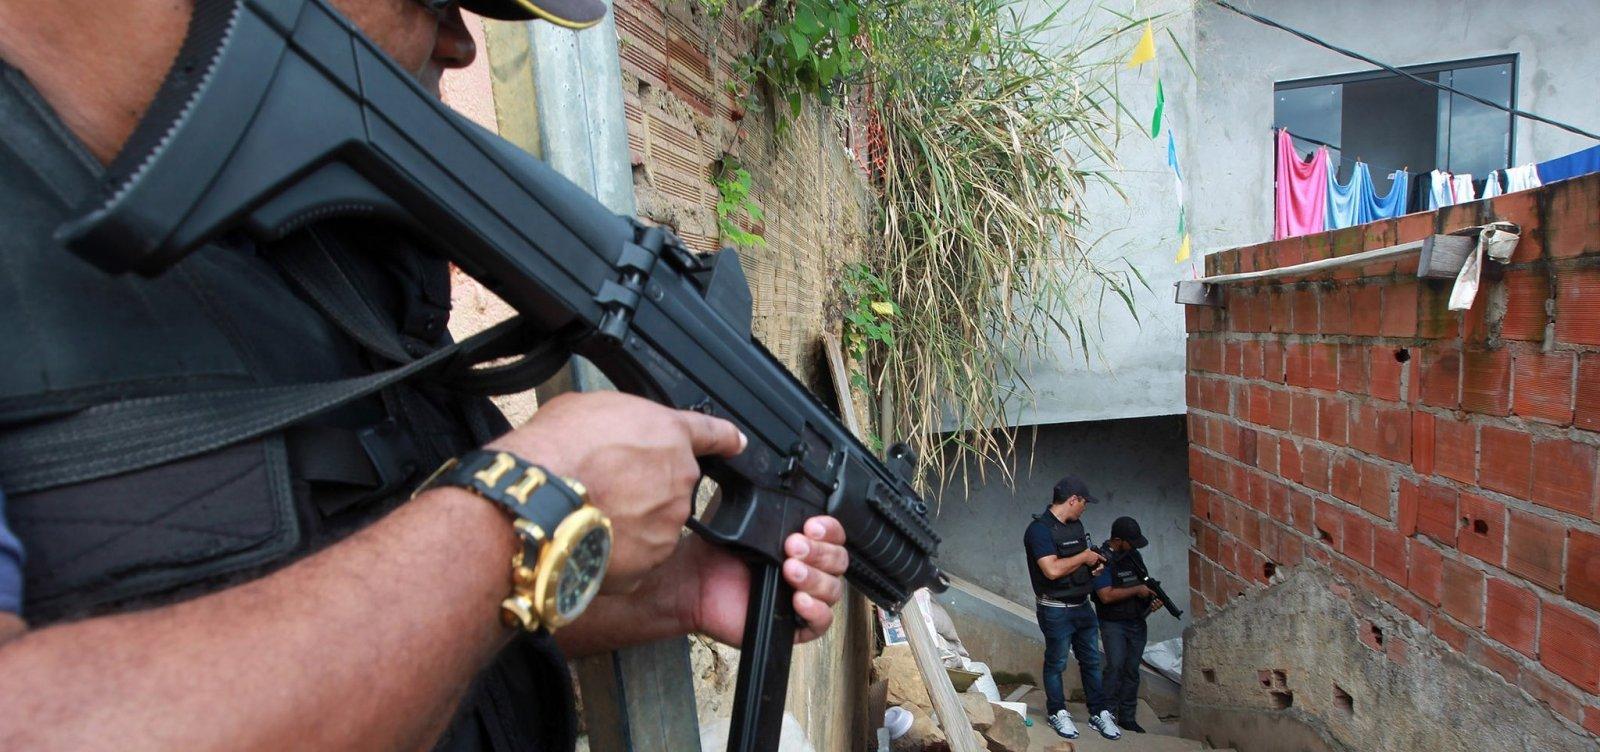 [Brasil registra pelo menos 3 mil assassinatos no mês de julho]